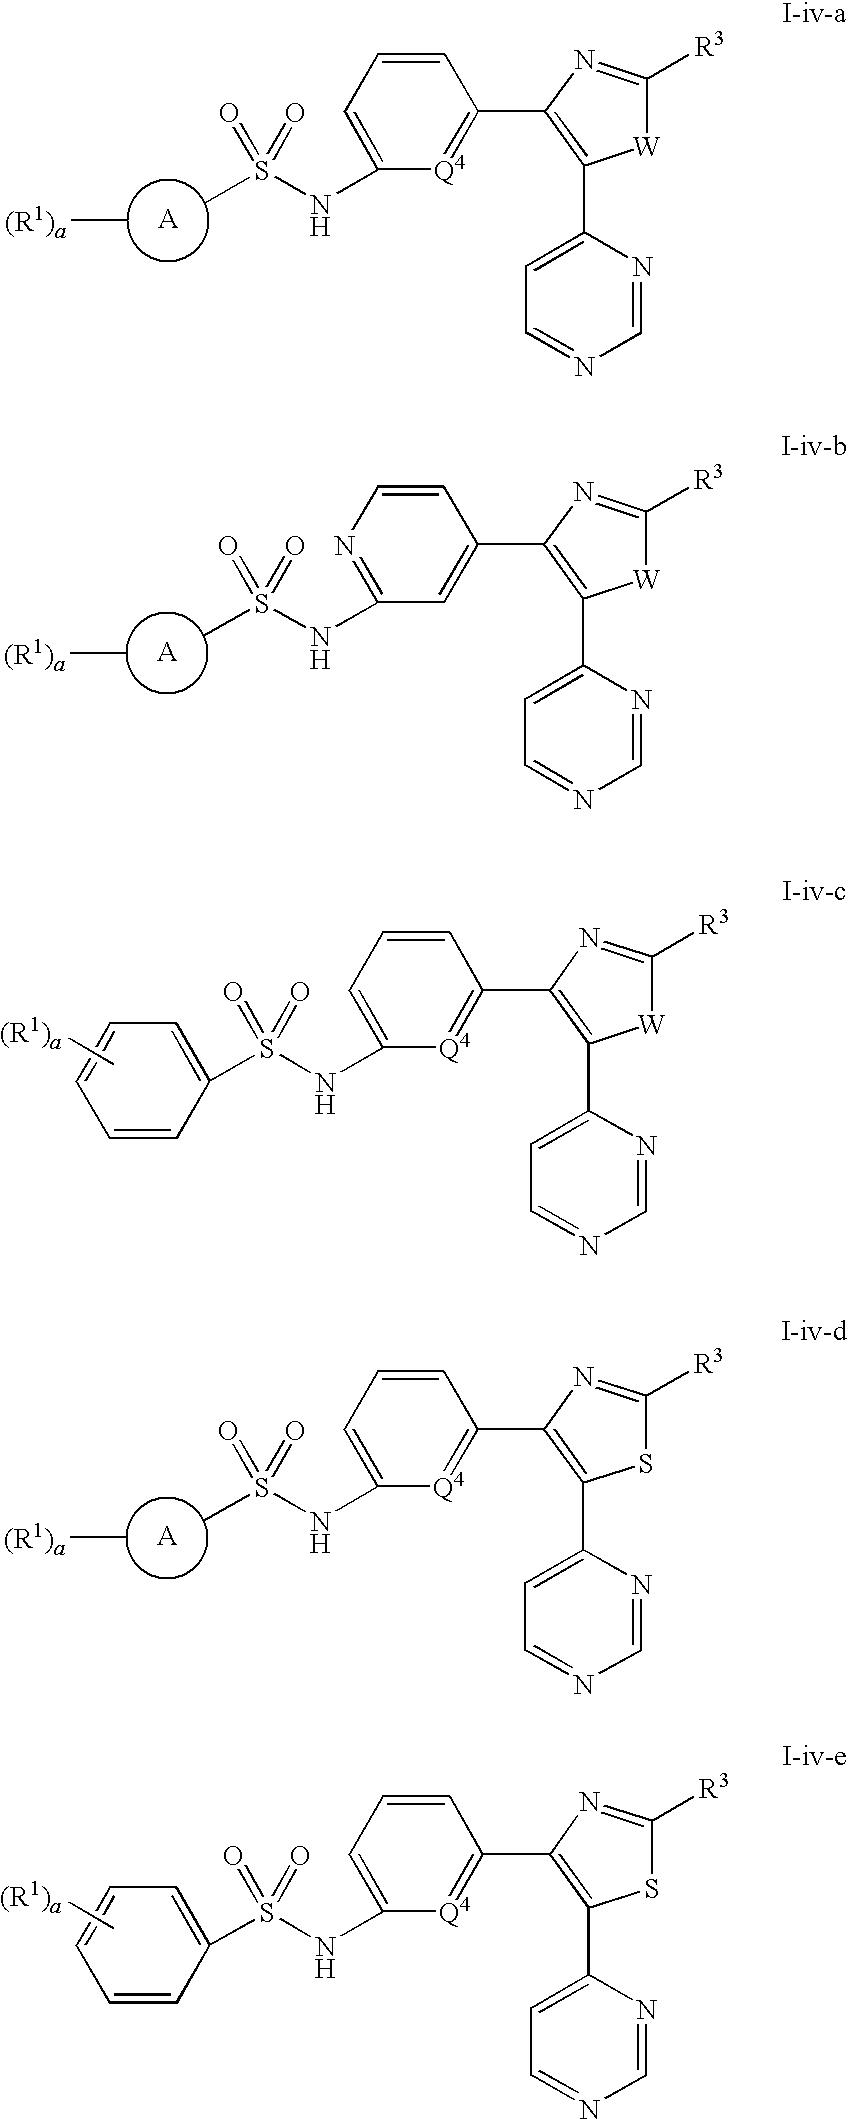 Figure US07994185-20110809-C00034